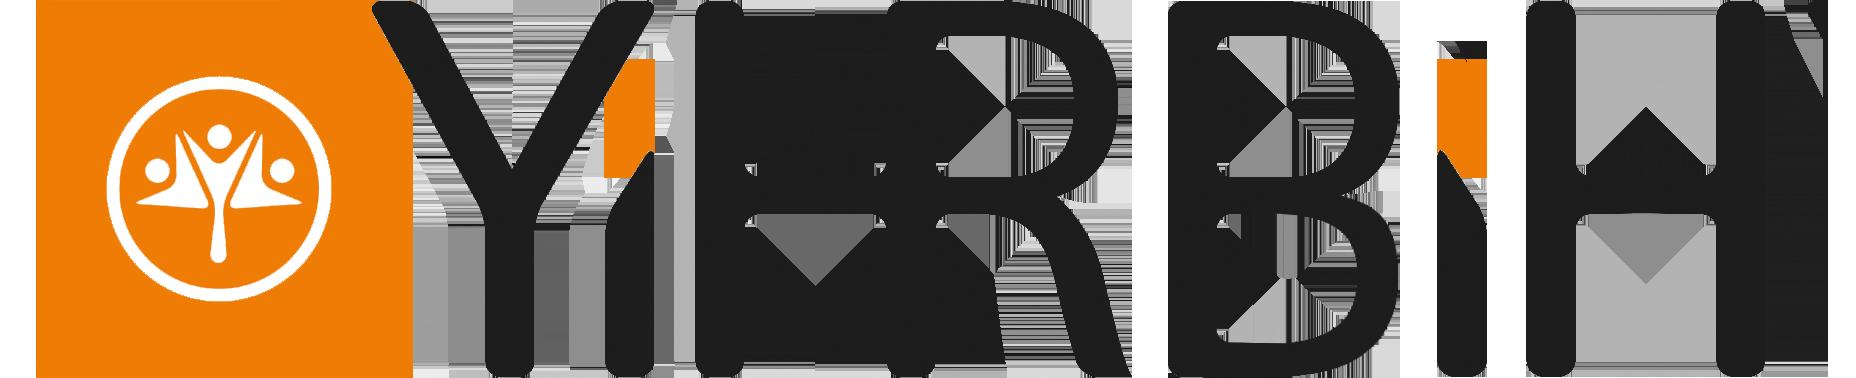 YIHR BA – Inicijativa mladih za ljudska prava u BiH